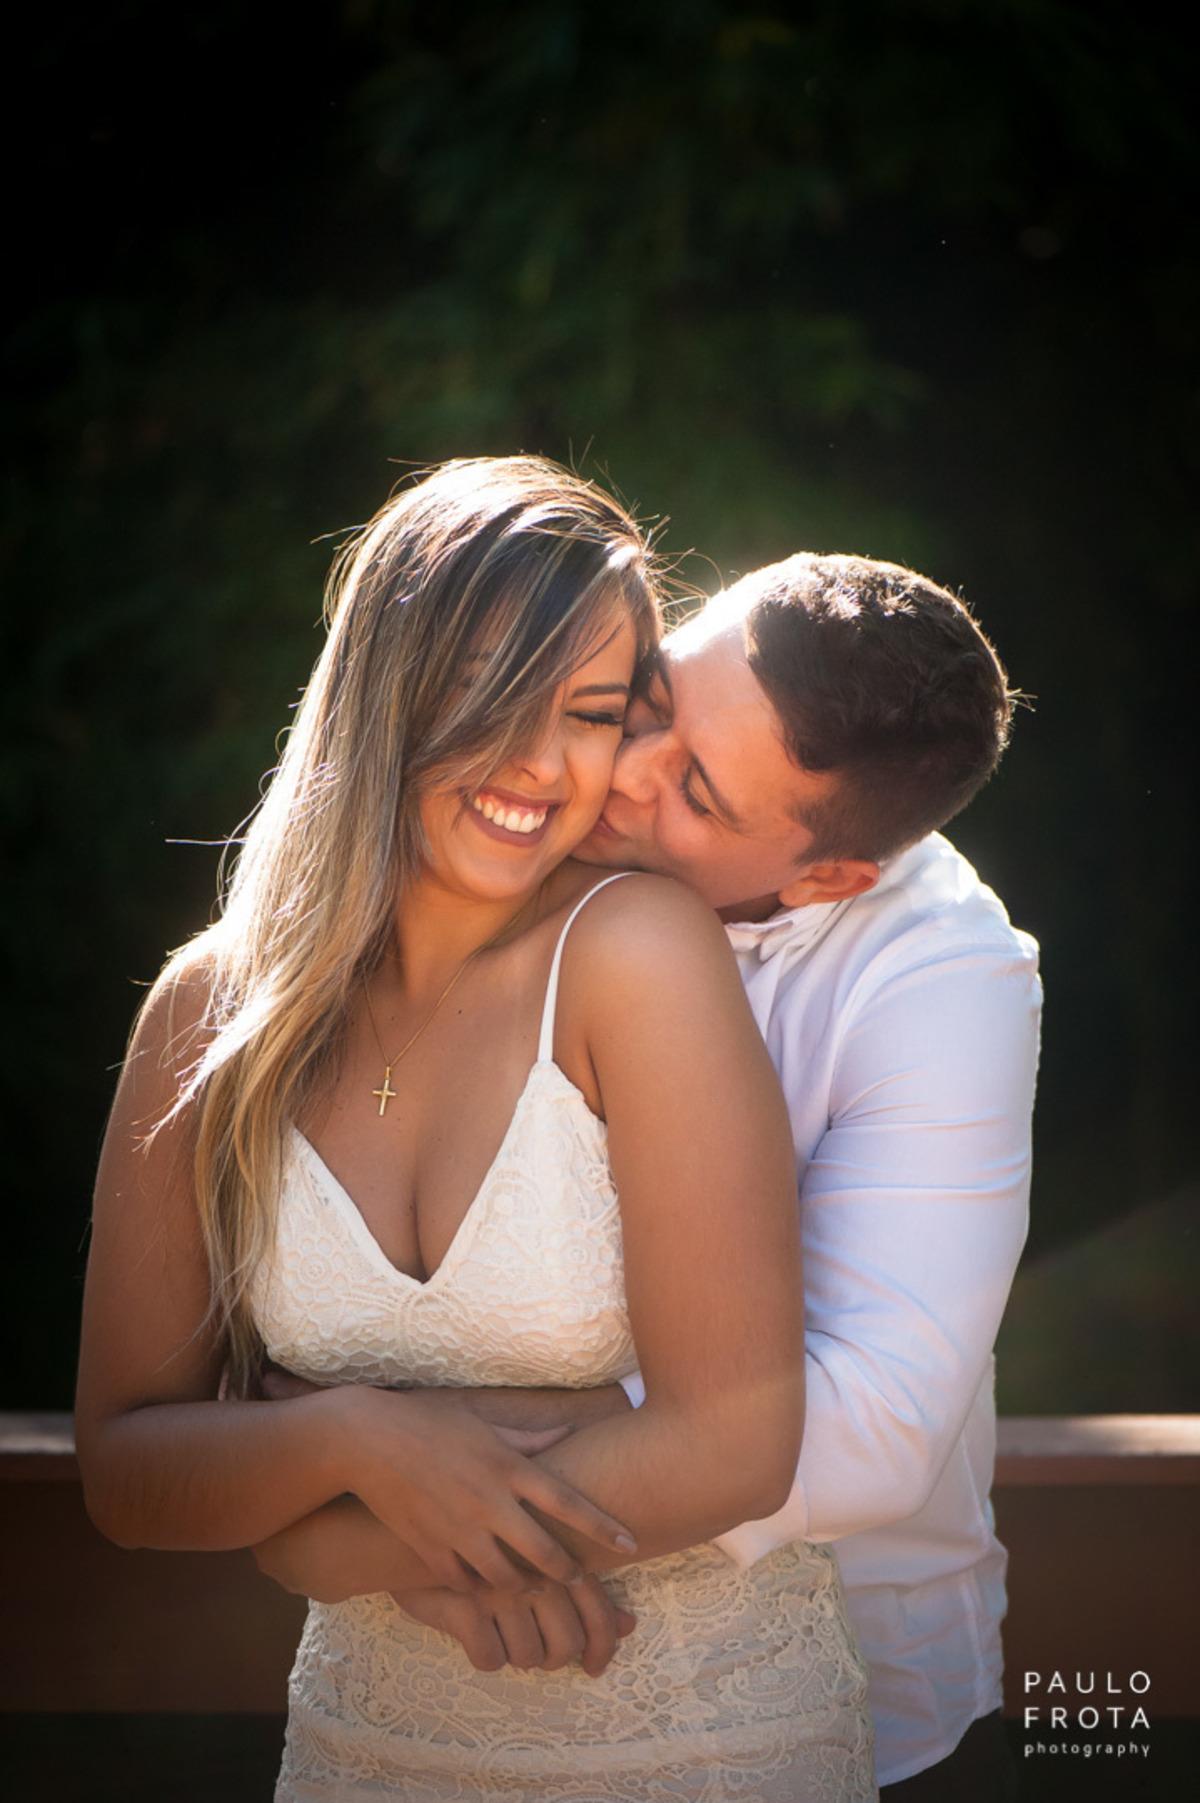 casamento em Friburgo, casal se abraçando